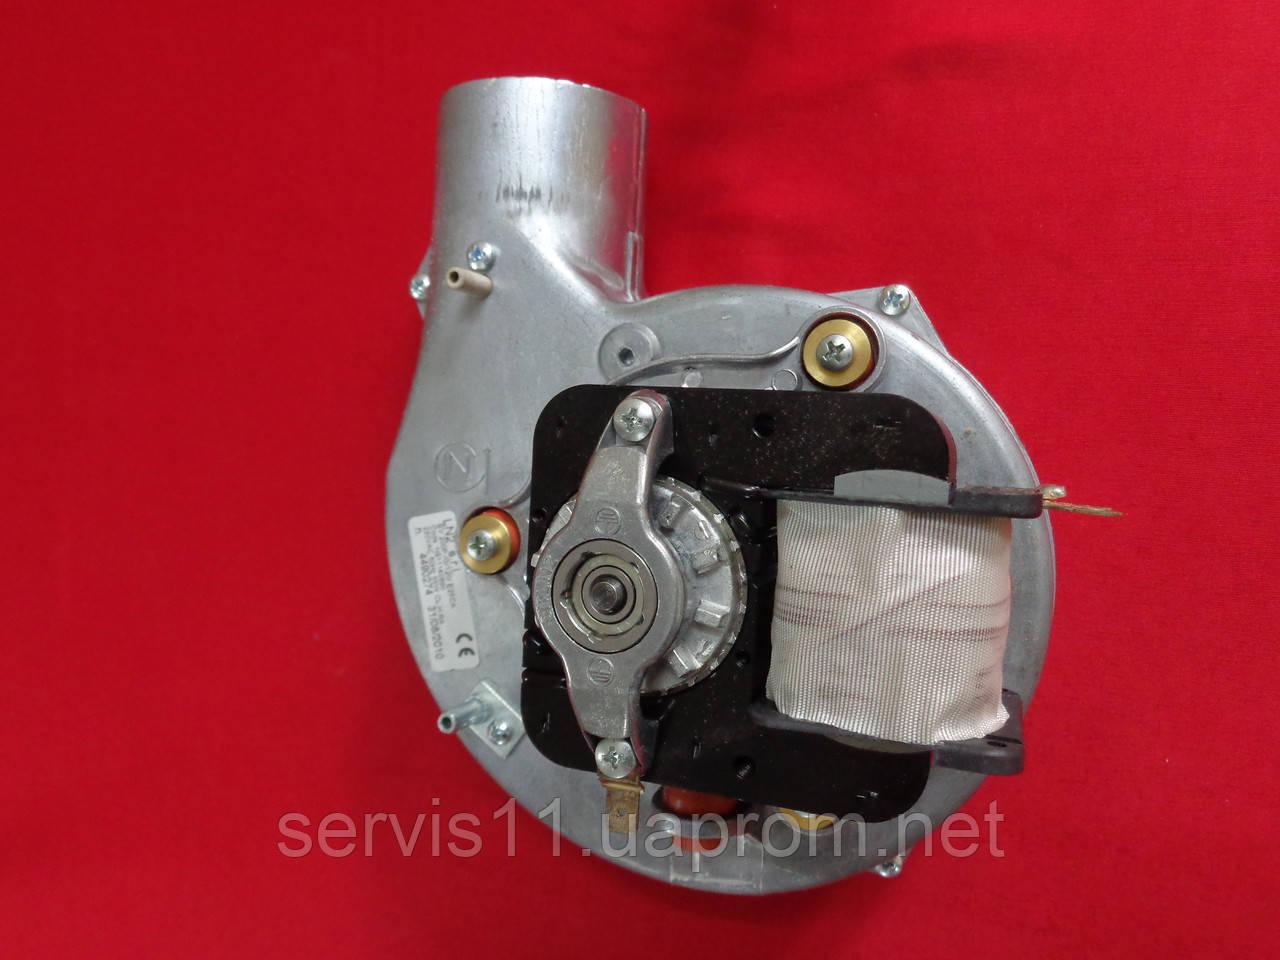 Вентилятор FONDITAL для Altair RTFS 32-36 кВт